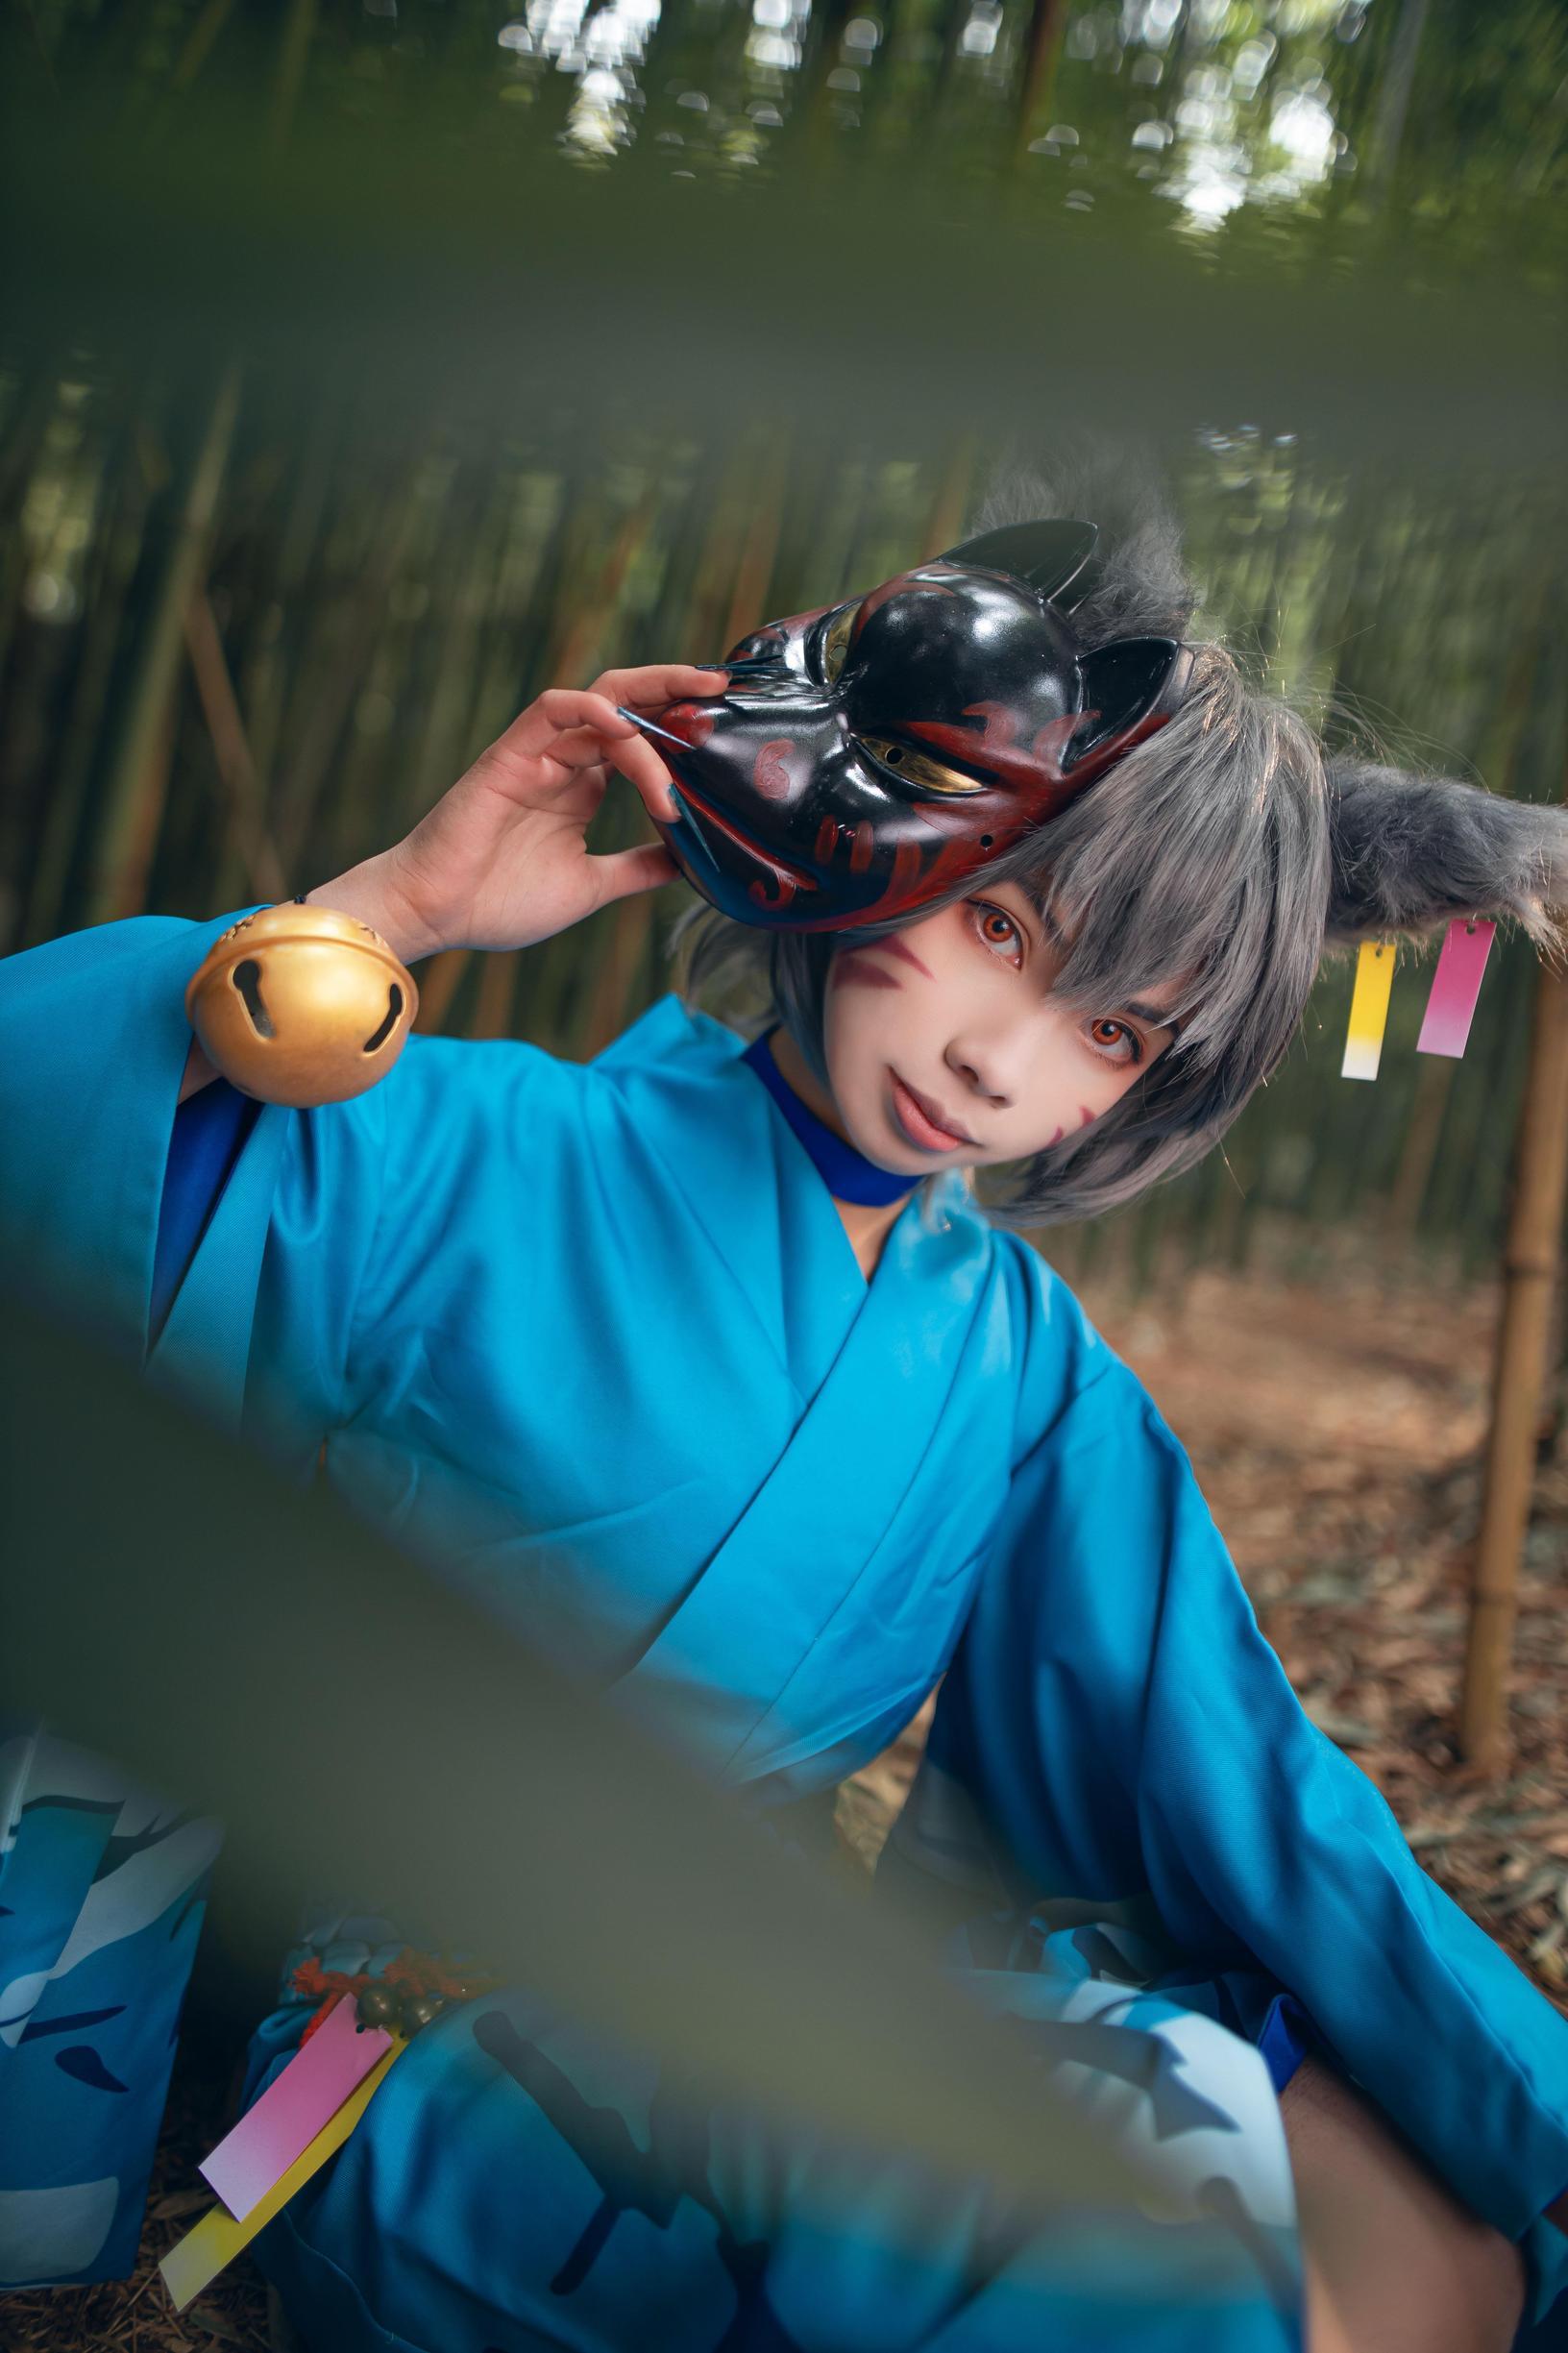 《阴阳师手游》正片cosplay【CN:明晰言语】-第5张